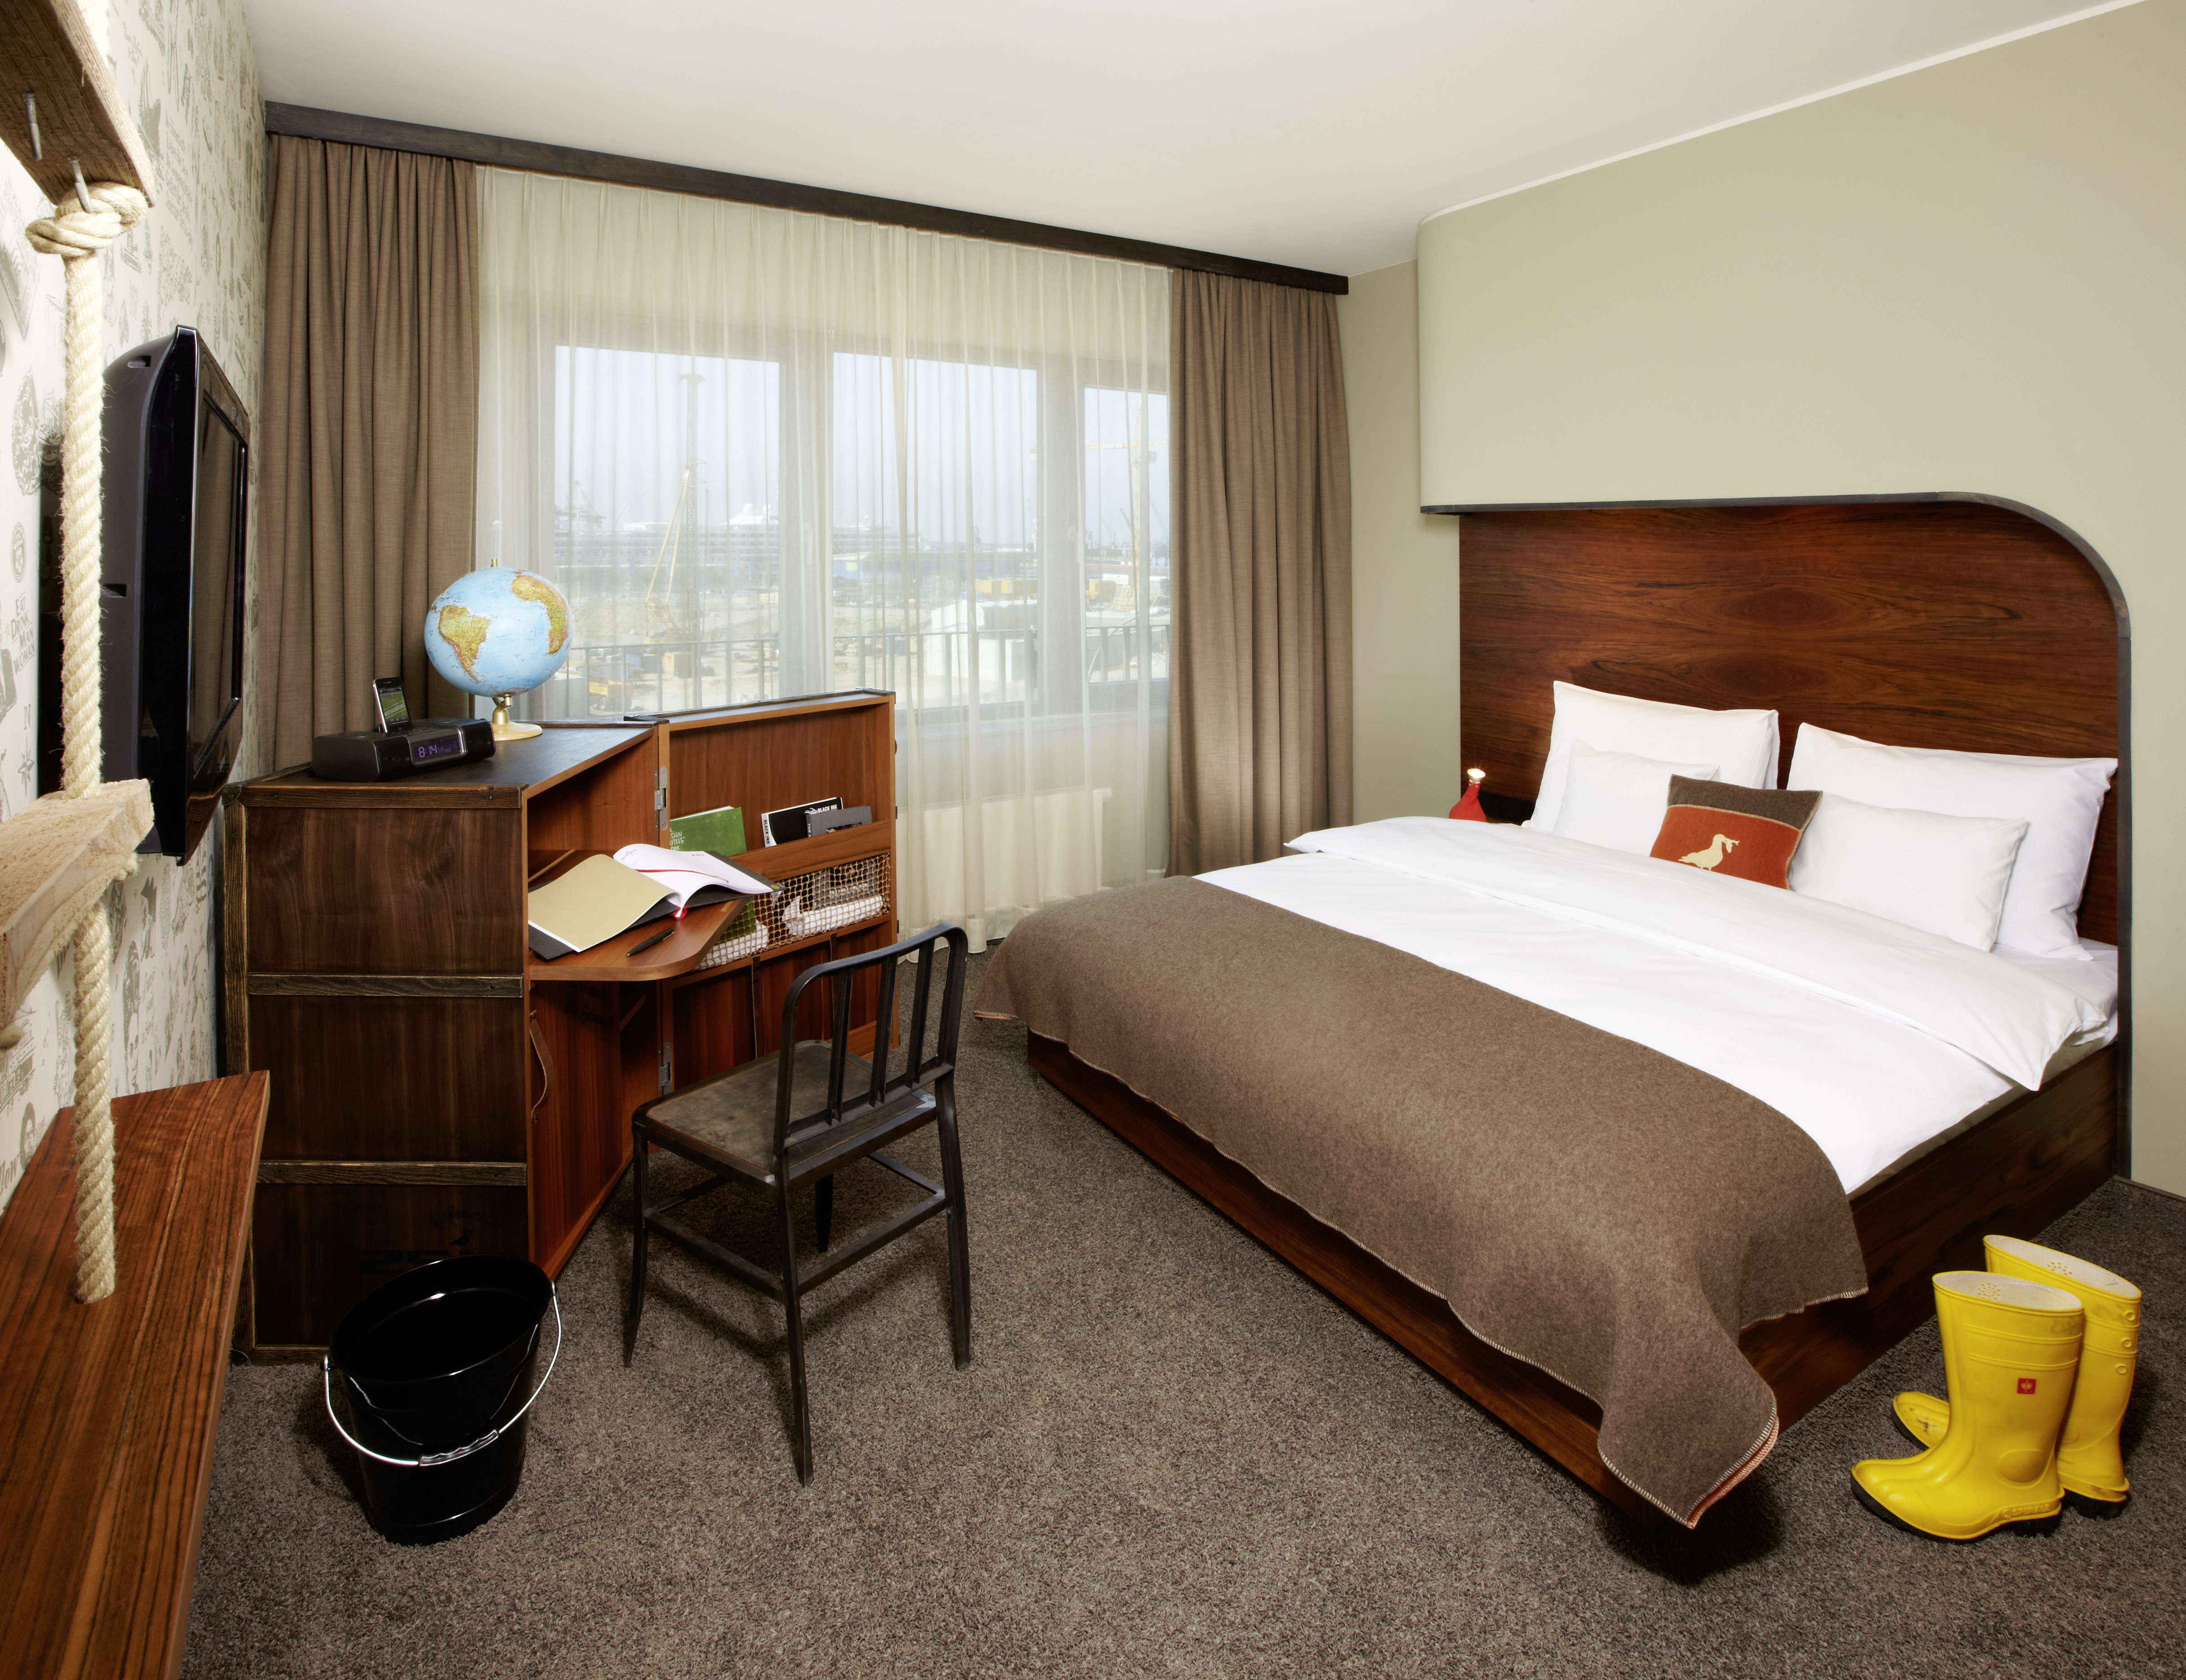 Alene i Hamborg har hotelkæden 25Hours tre hoteller – her et eksempel på et af værelserne på dets Hotel Hafen City. Pressefoto: Stephan Lemke for 25Hours.